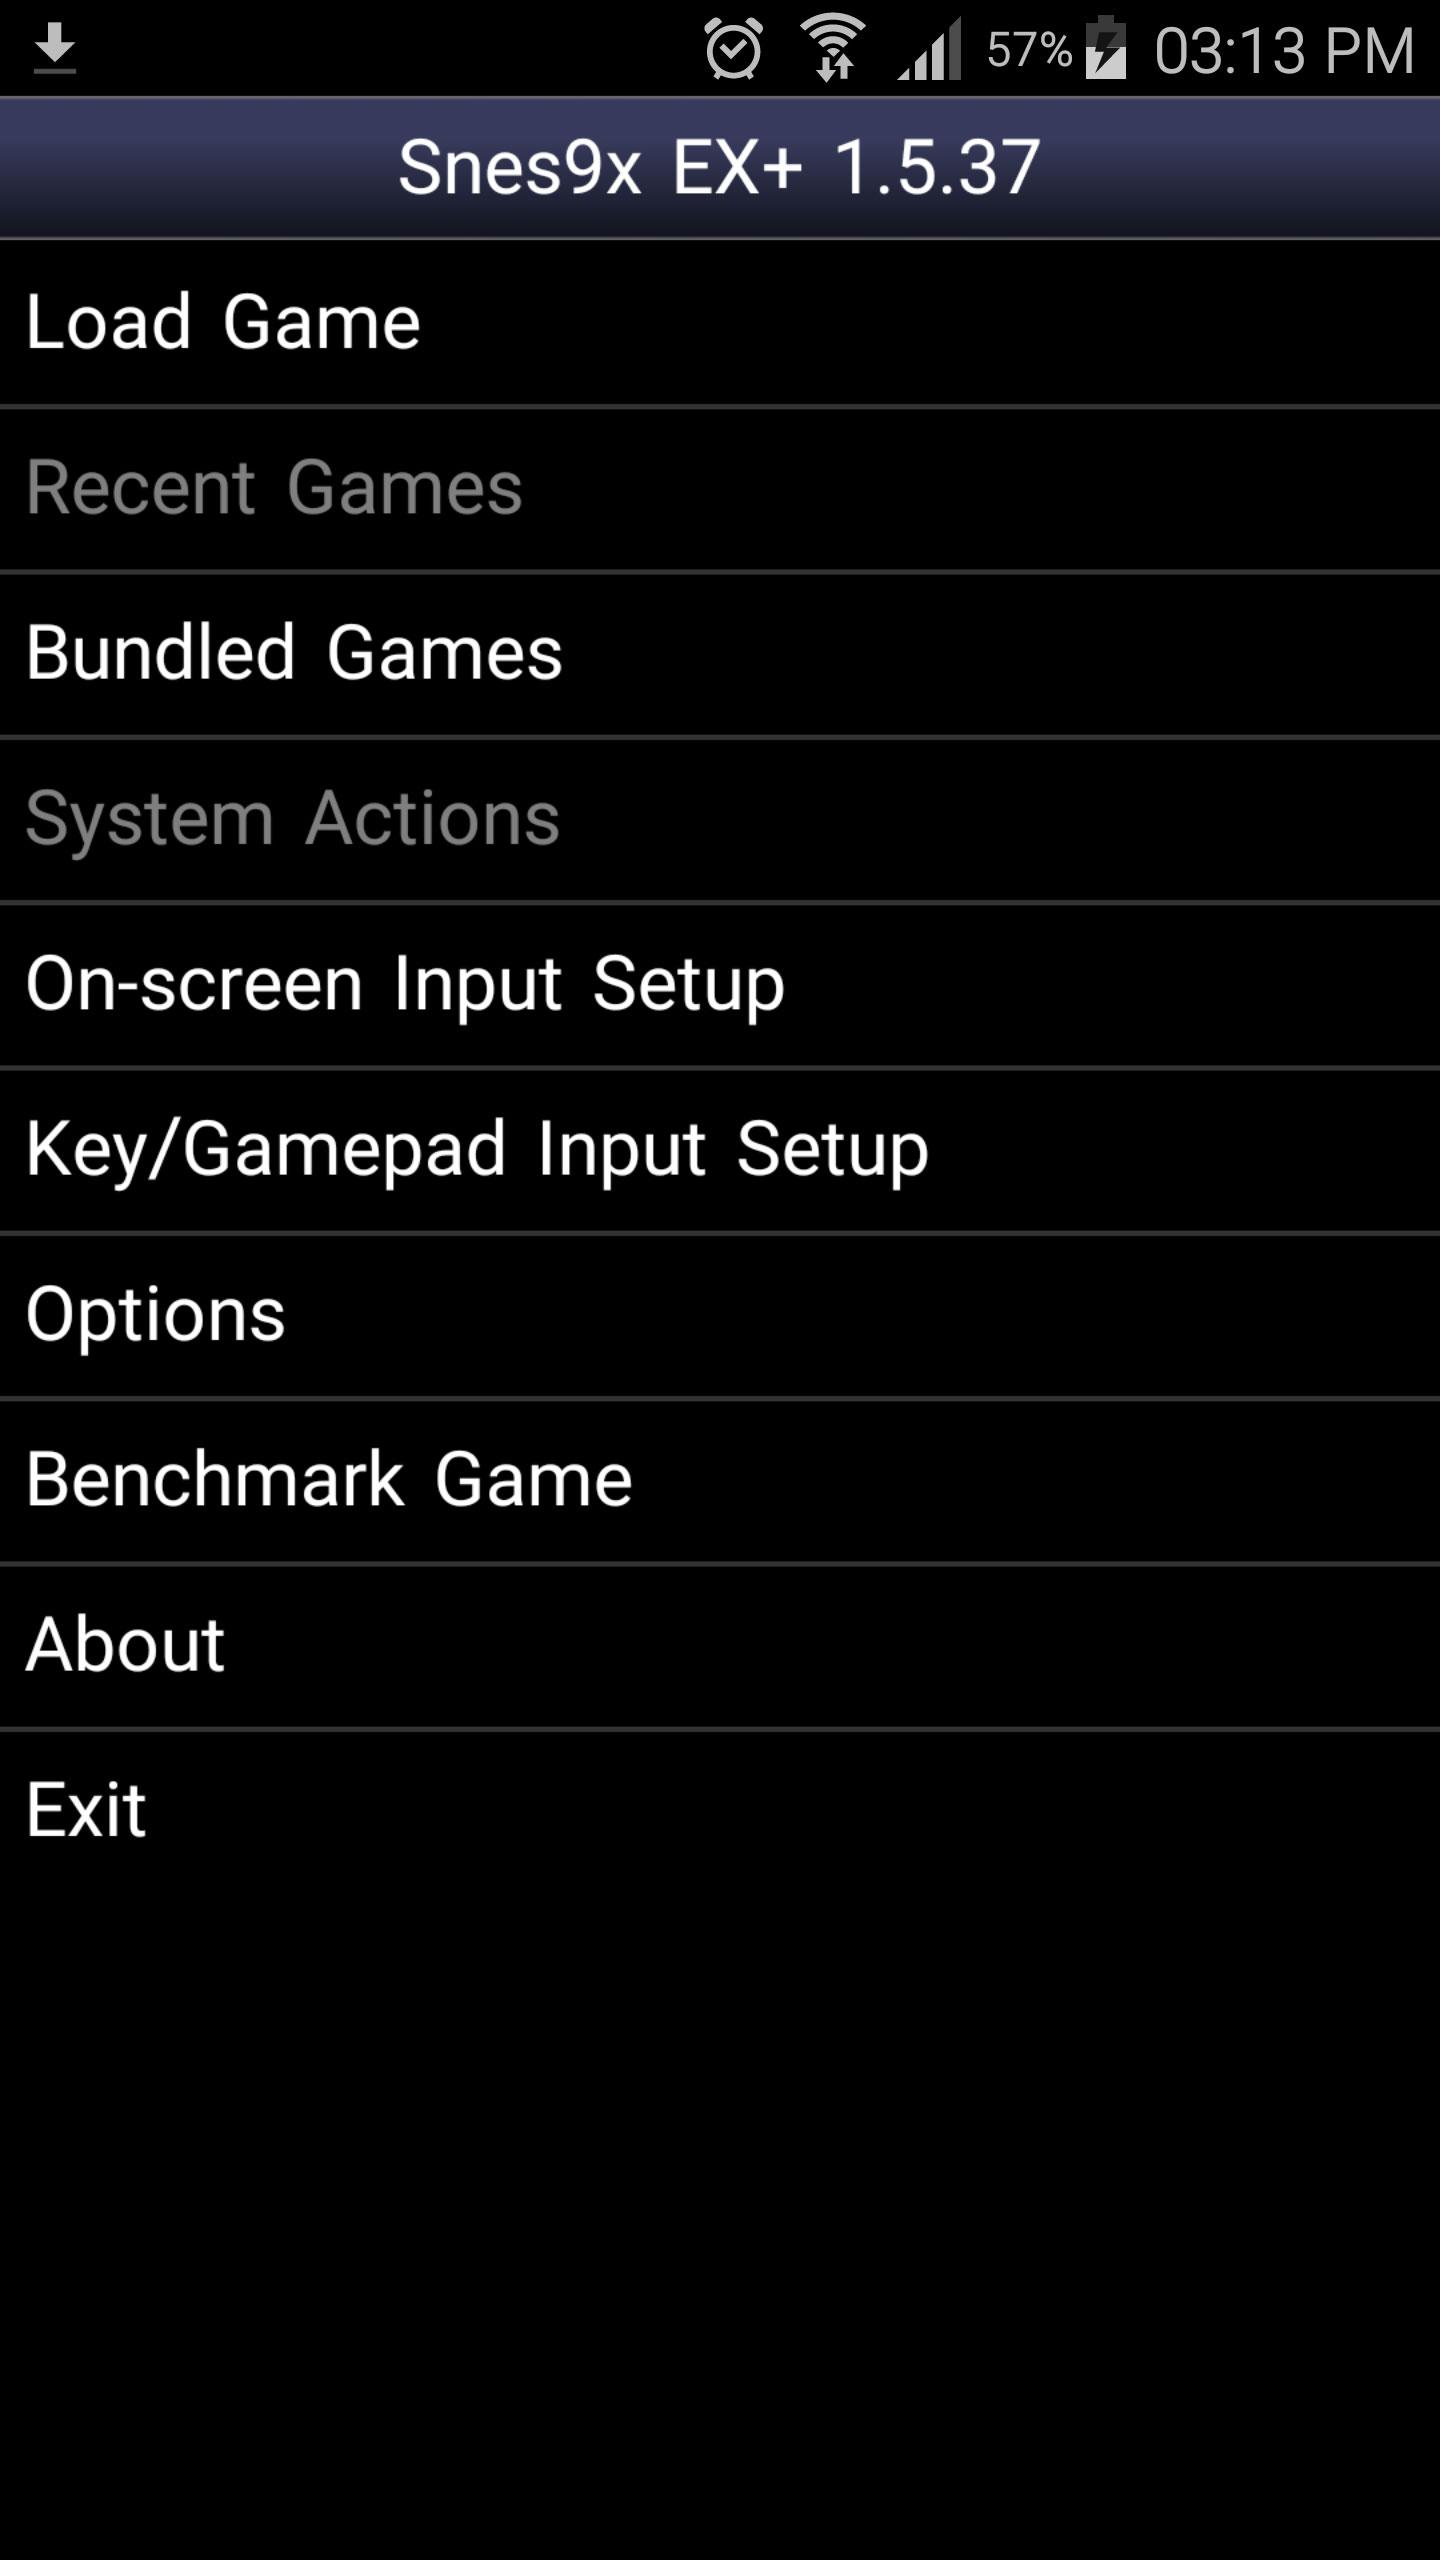 giao diện phần mềm Snes9X EX+